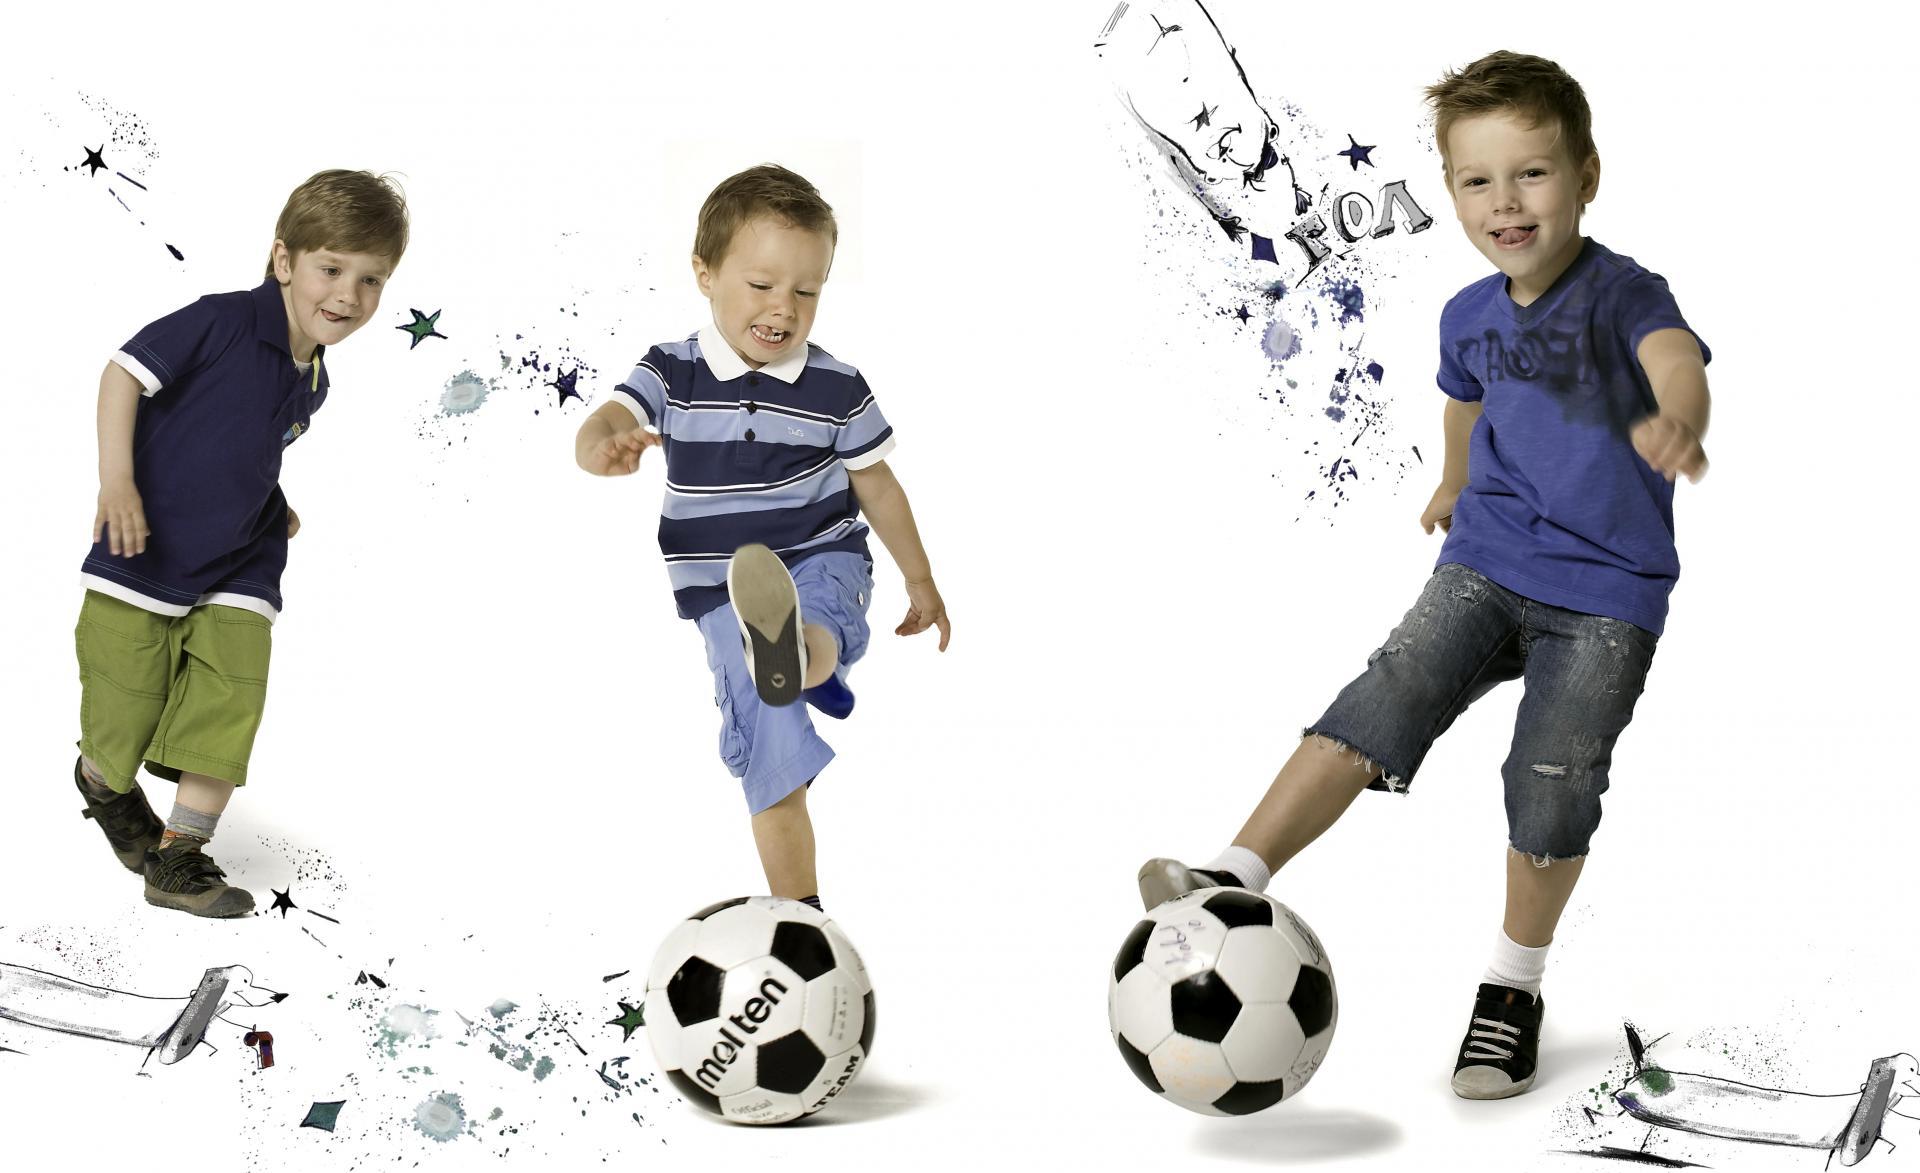 Как выбрать подходящую секцию для мальчика 4 лет